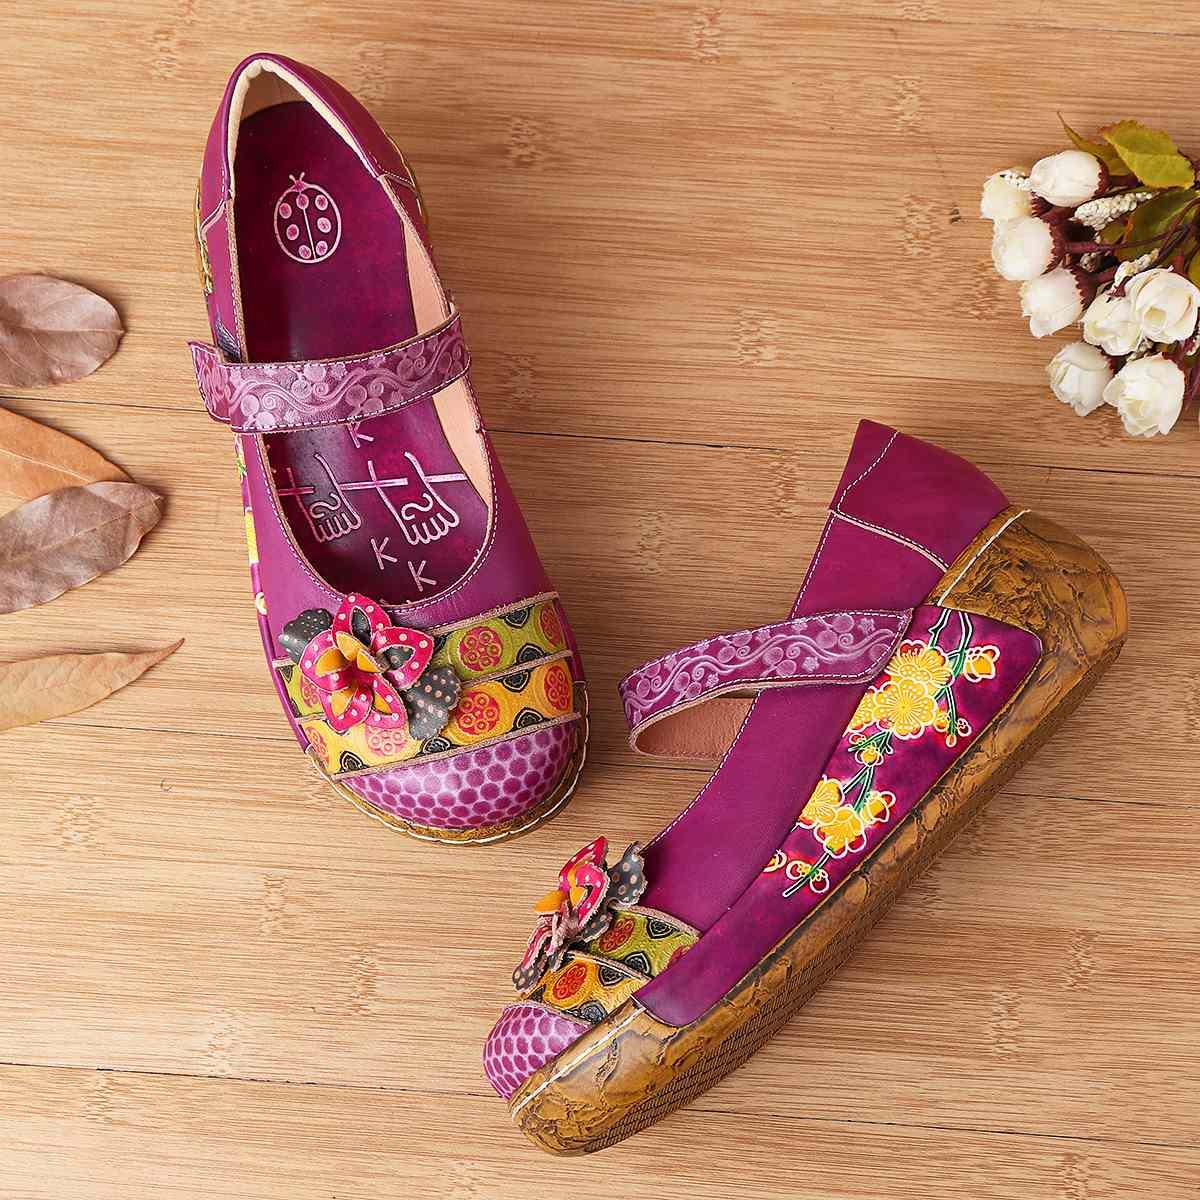 NIS bohème Style Vintage femmes chaussures plates femme printemps été véritable en cuir plate-forme chaussures décontractées à la main fleur nouveau